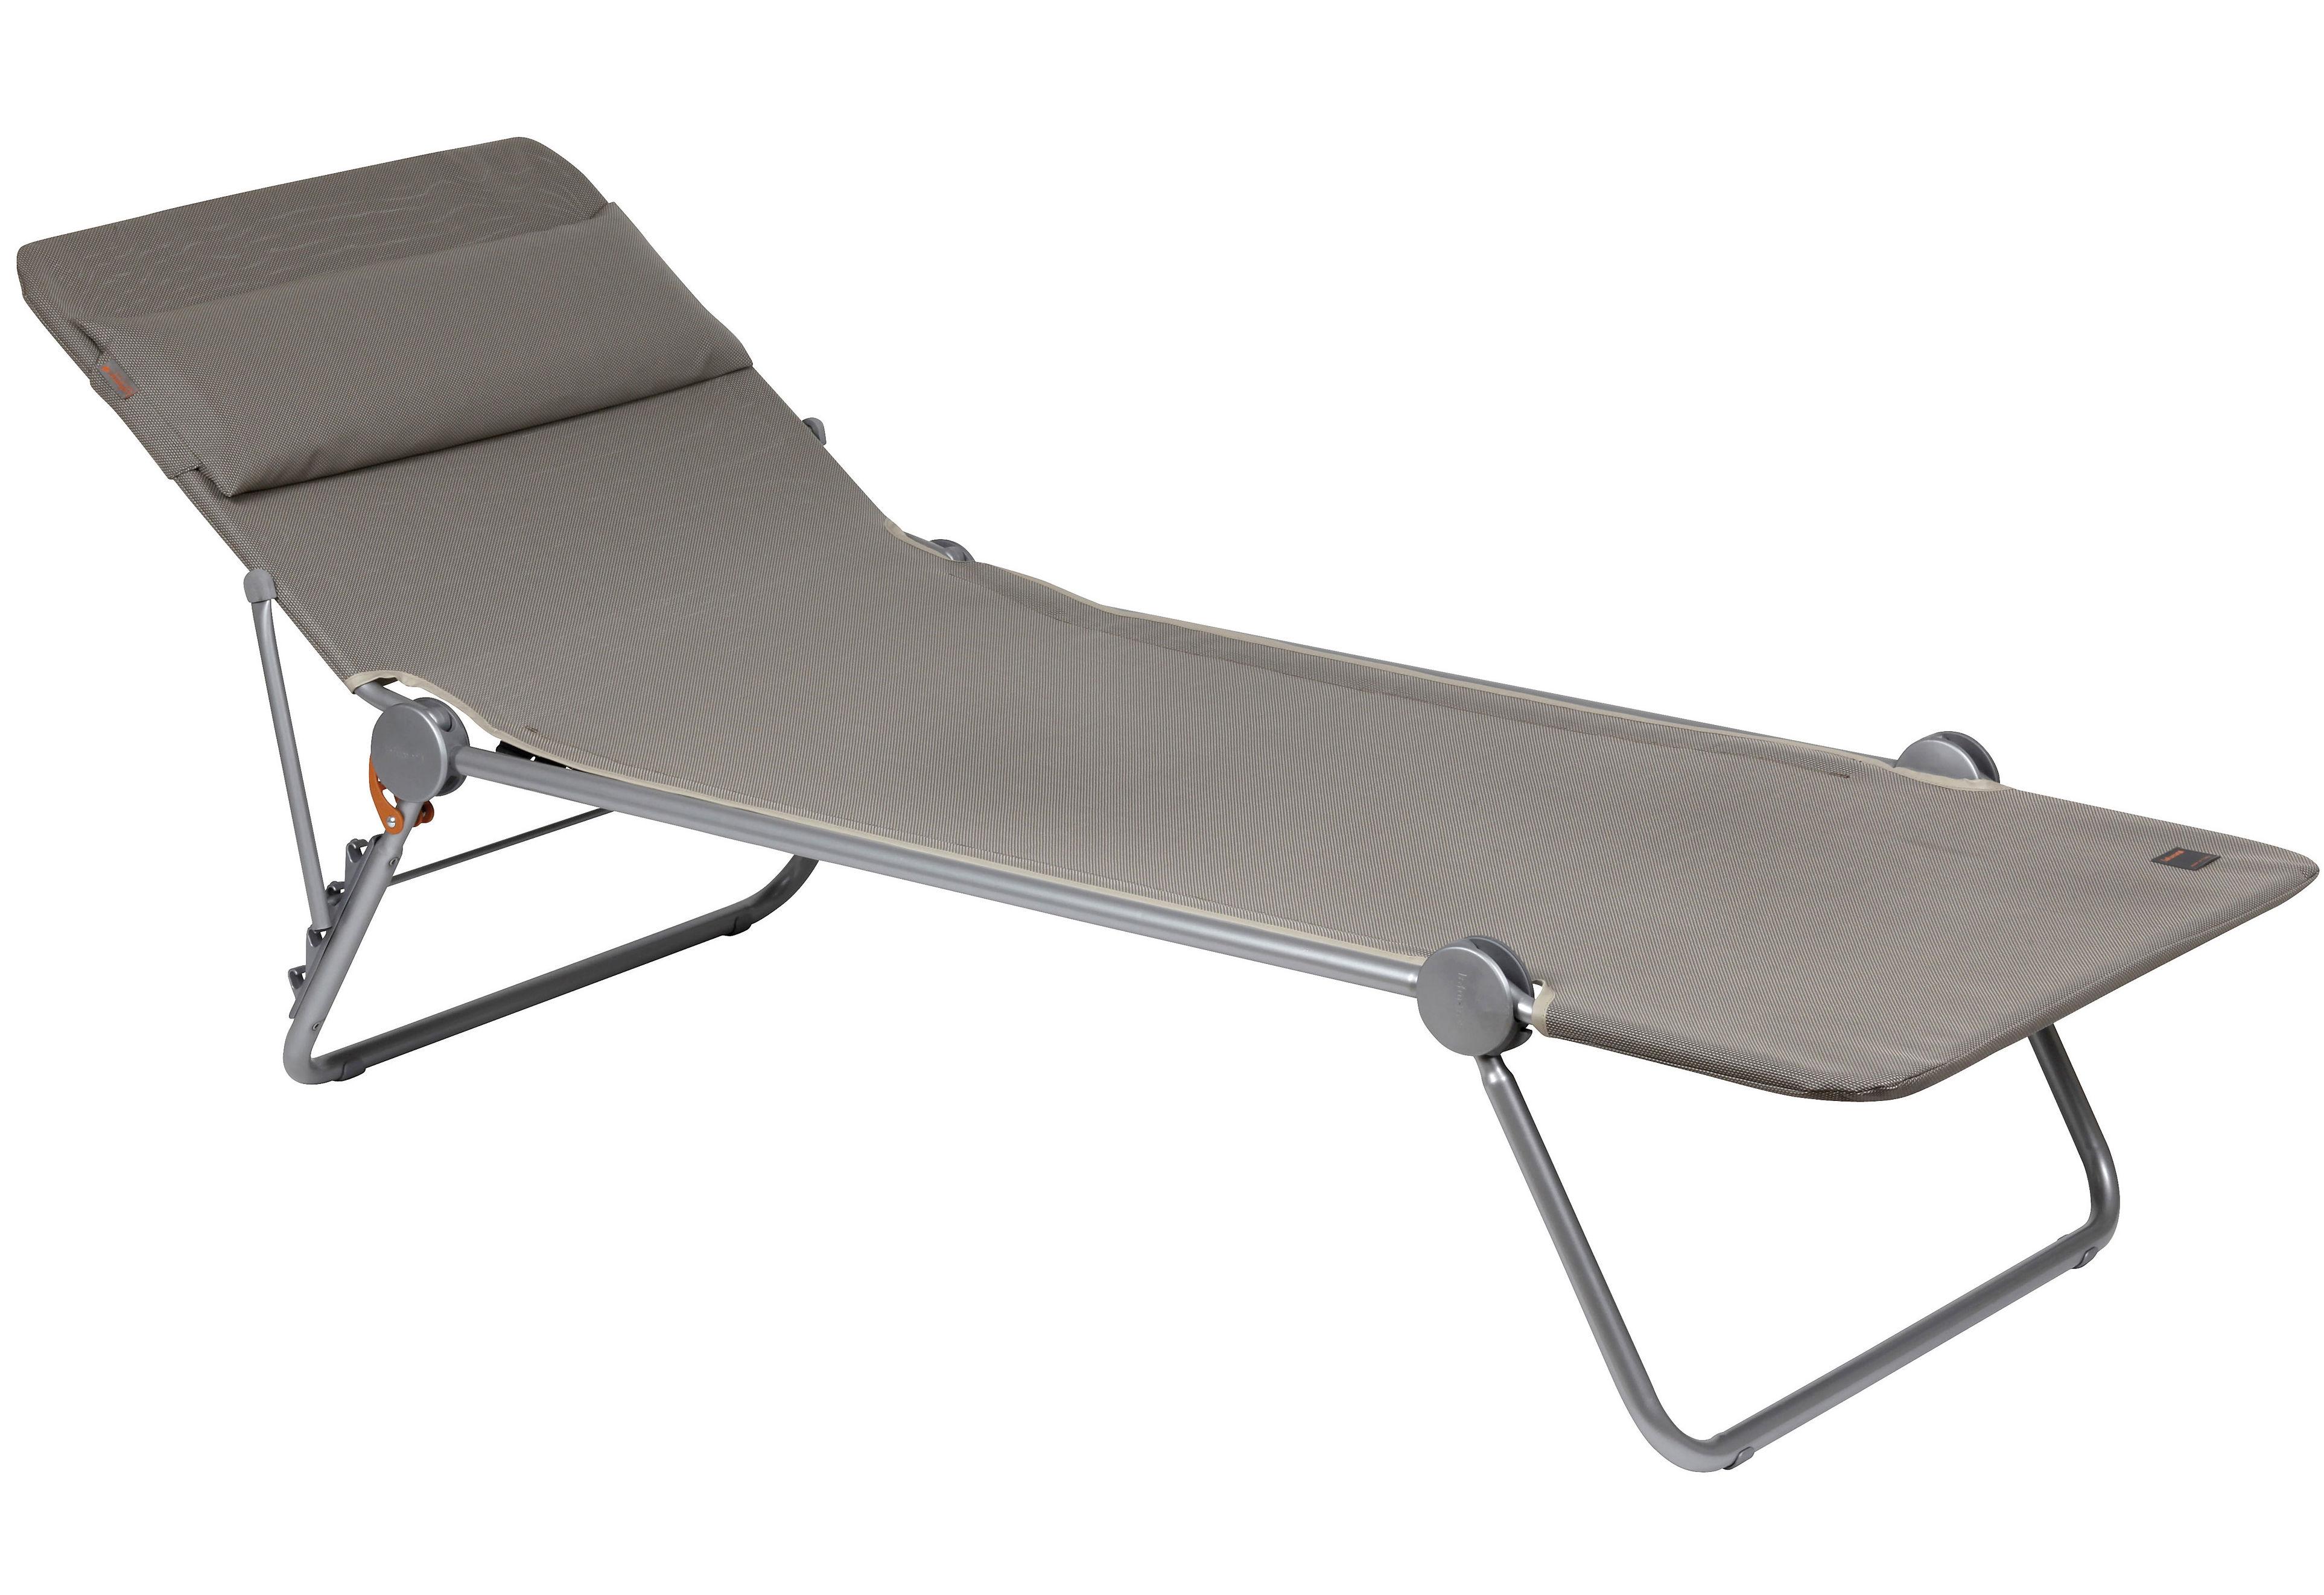 bain de soleil sunside plus inclinable et pliable bouleau tissage 2 fils lafuma. Black Bedroom Furniture Sets. Home Design Ideas